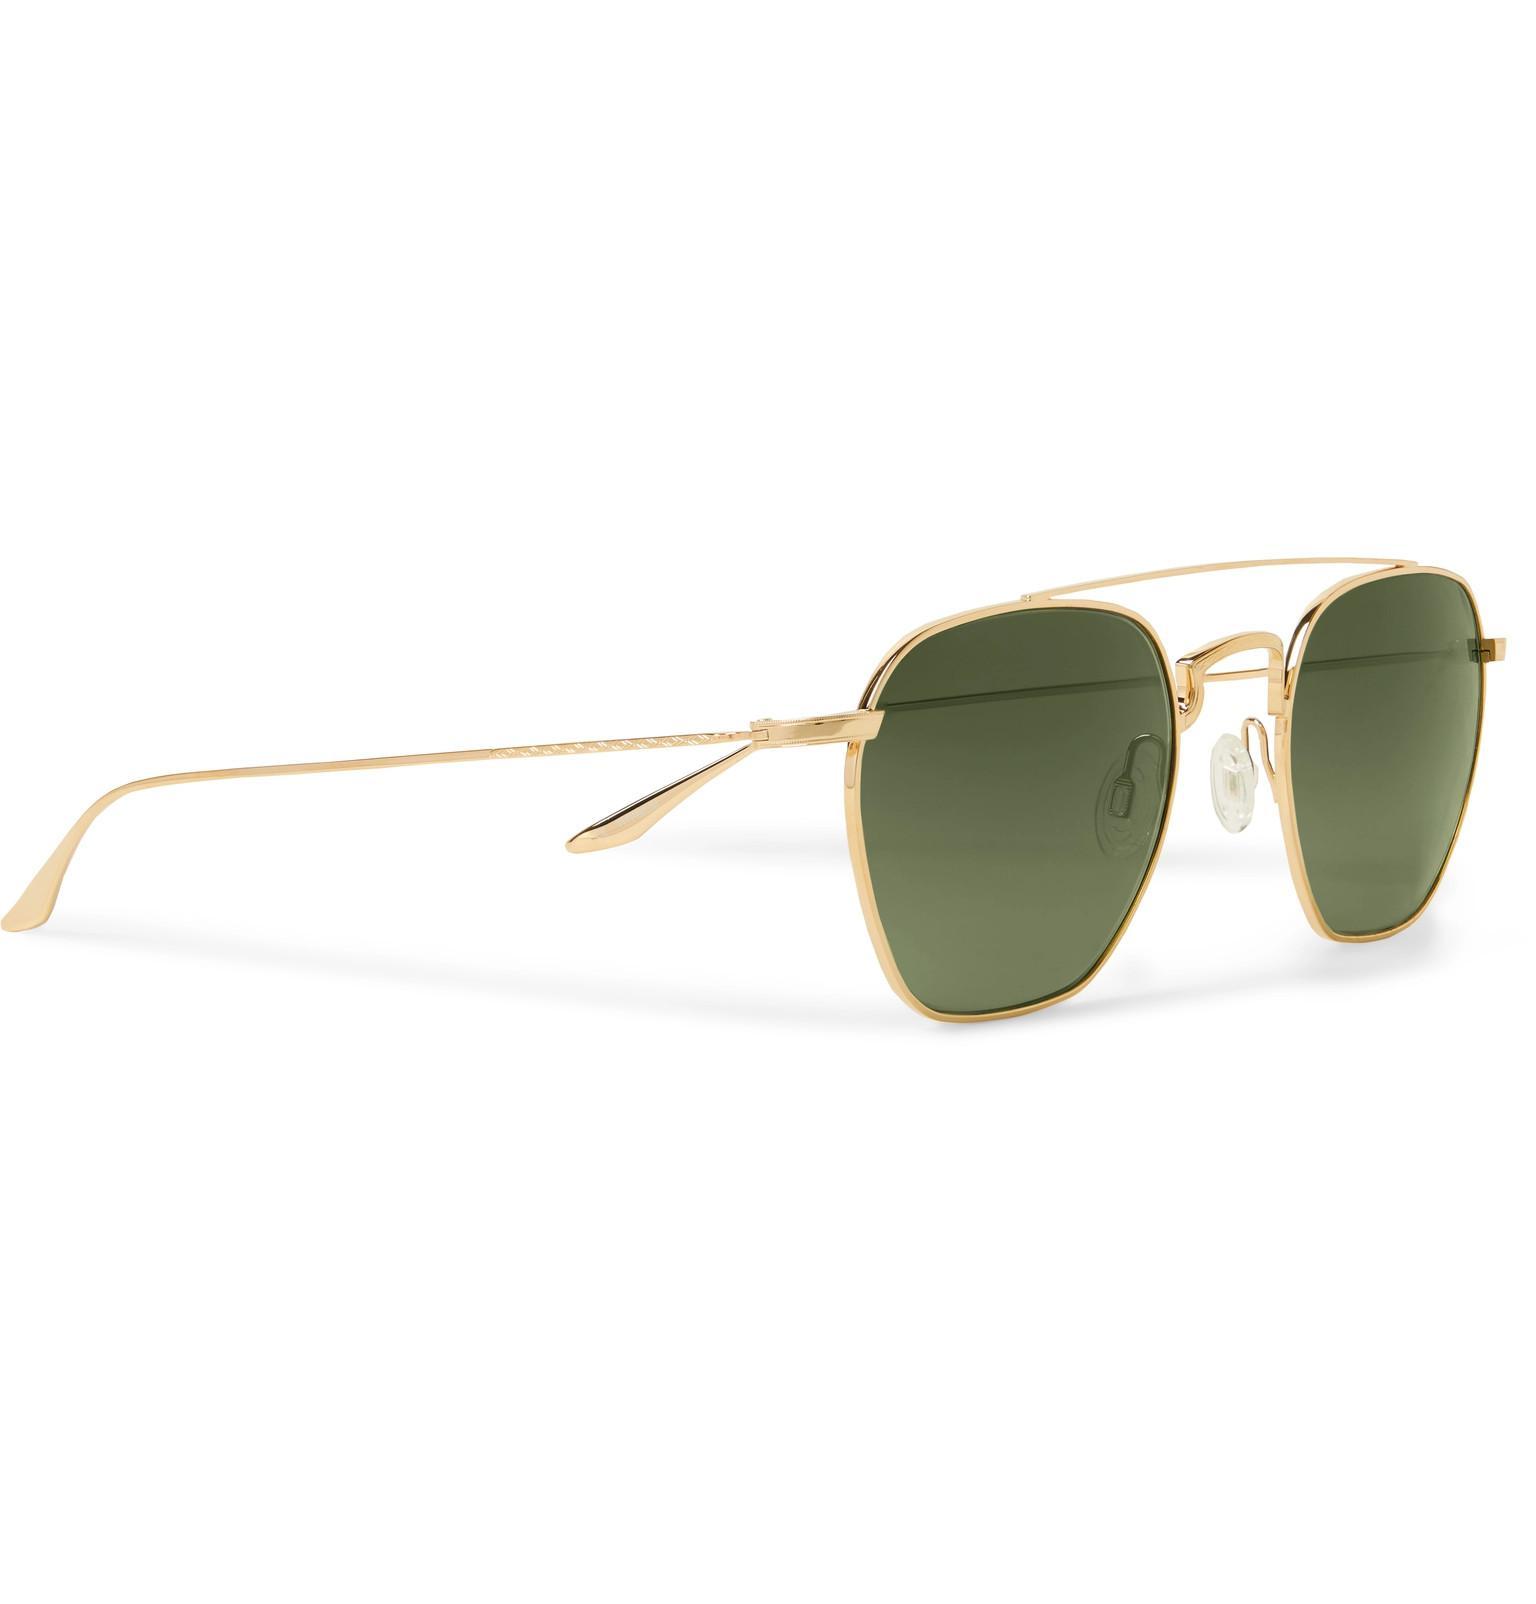 4360c5474d Barton Perreira - Metallic Doyen Aviator-style Gold-tone Titanium Sunglasses  for Men -. View fullscreen